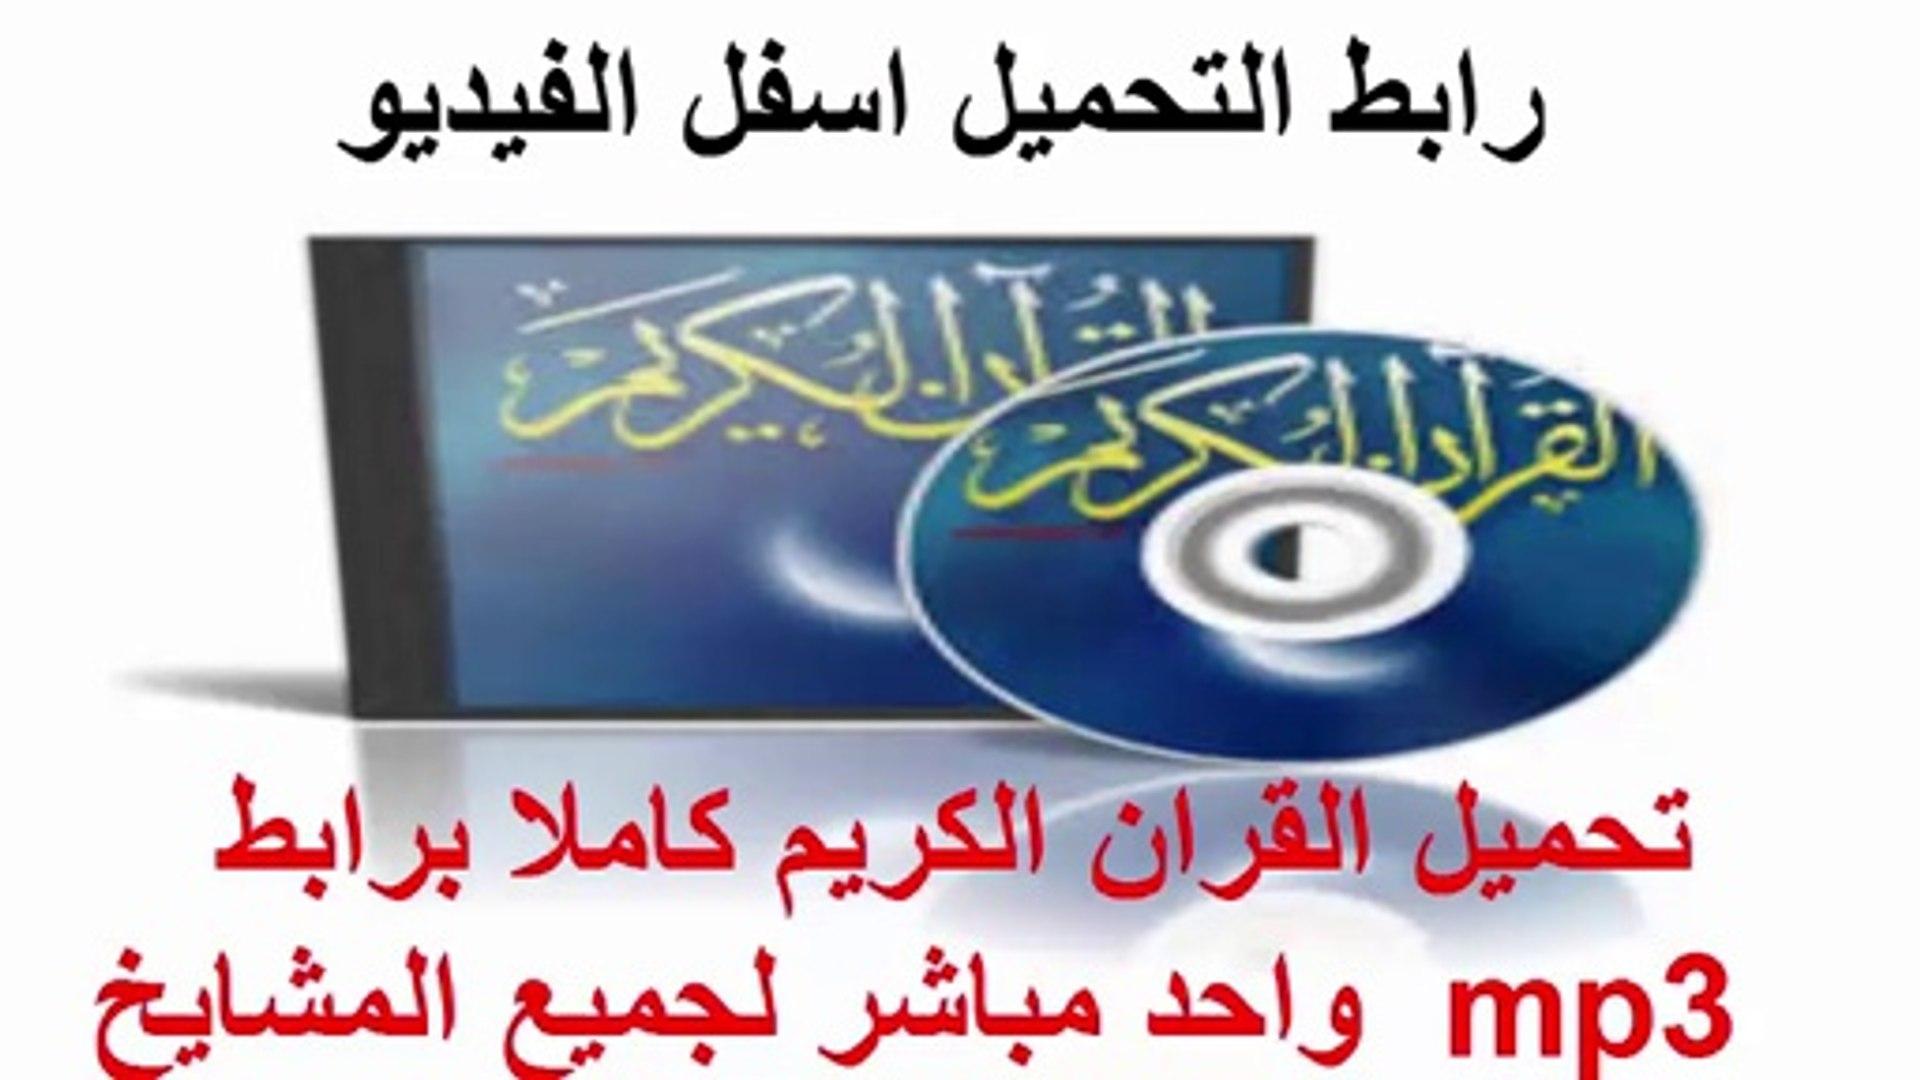 تحميل القرآن الكريم mp3 سعد الغامدي برابط واحد